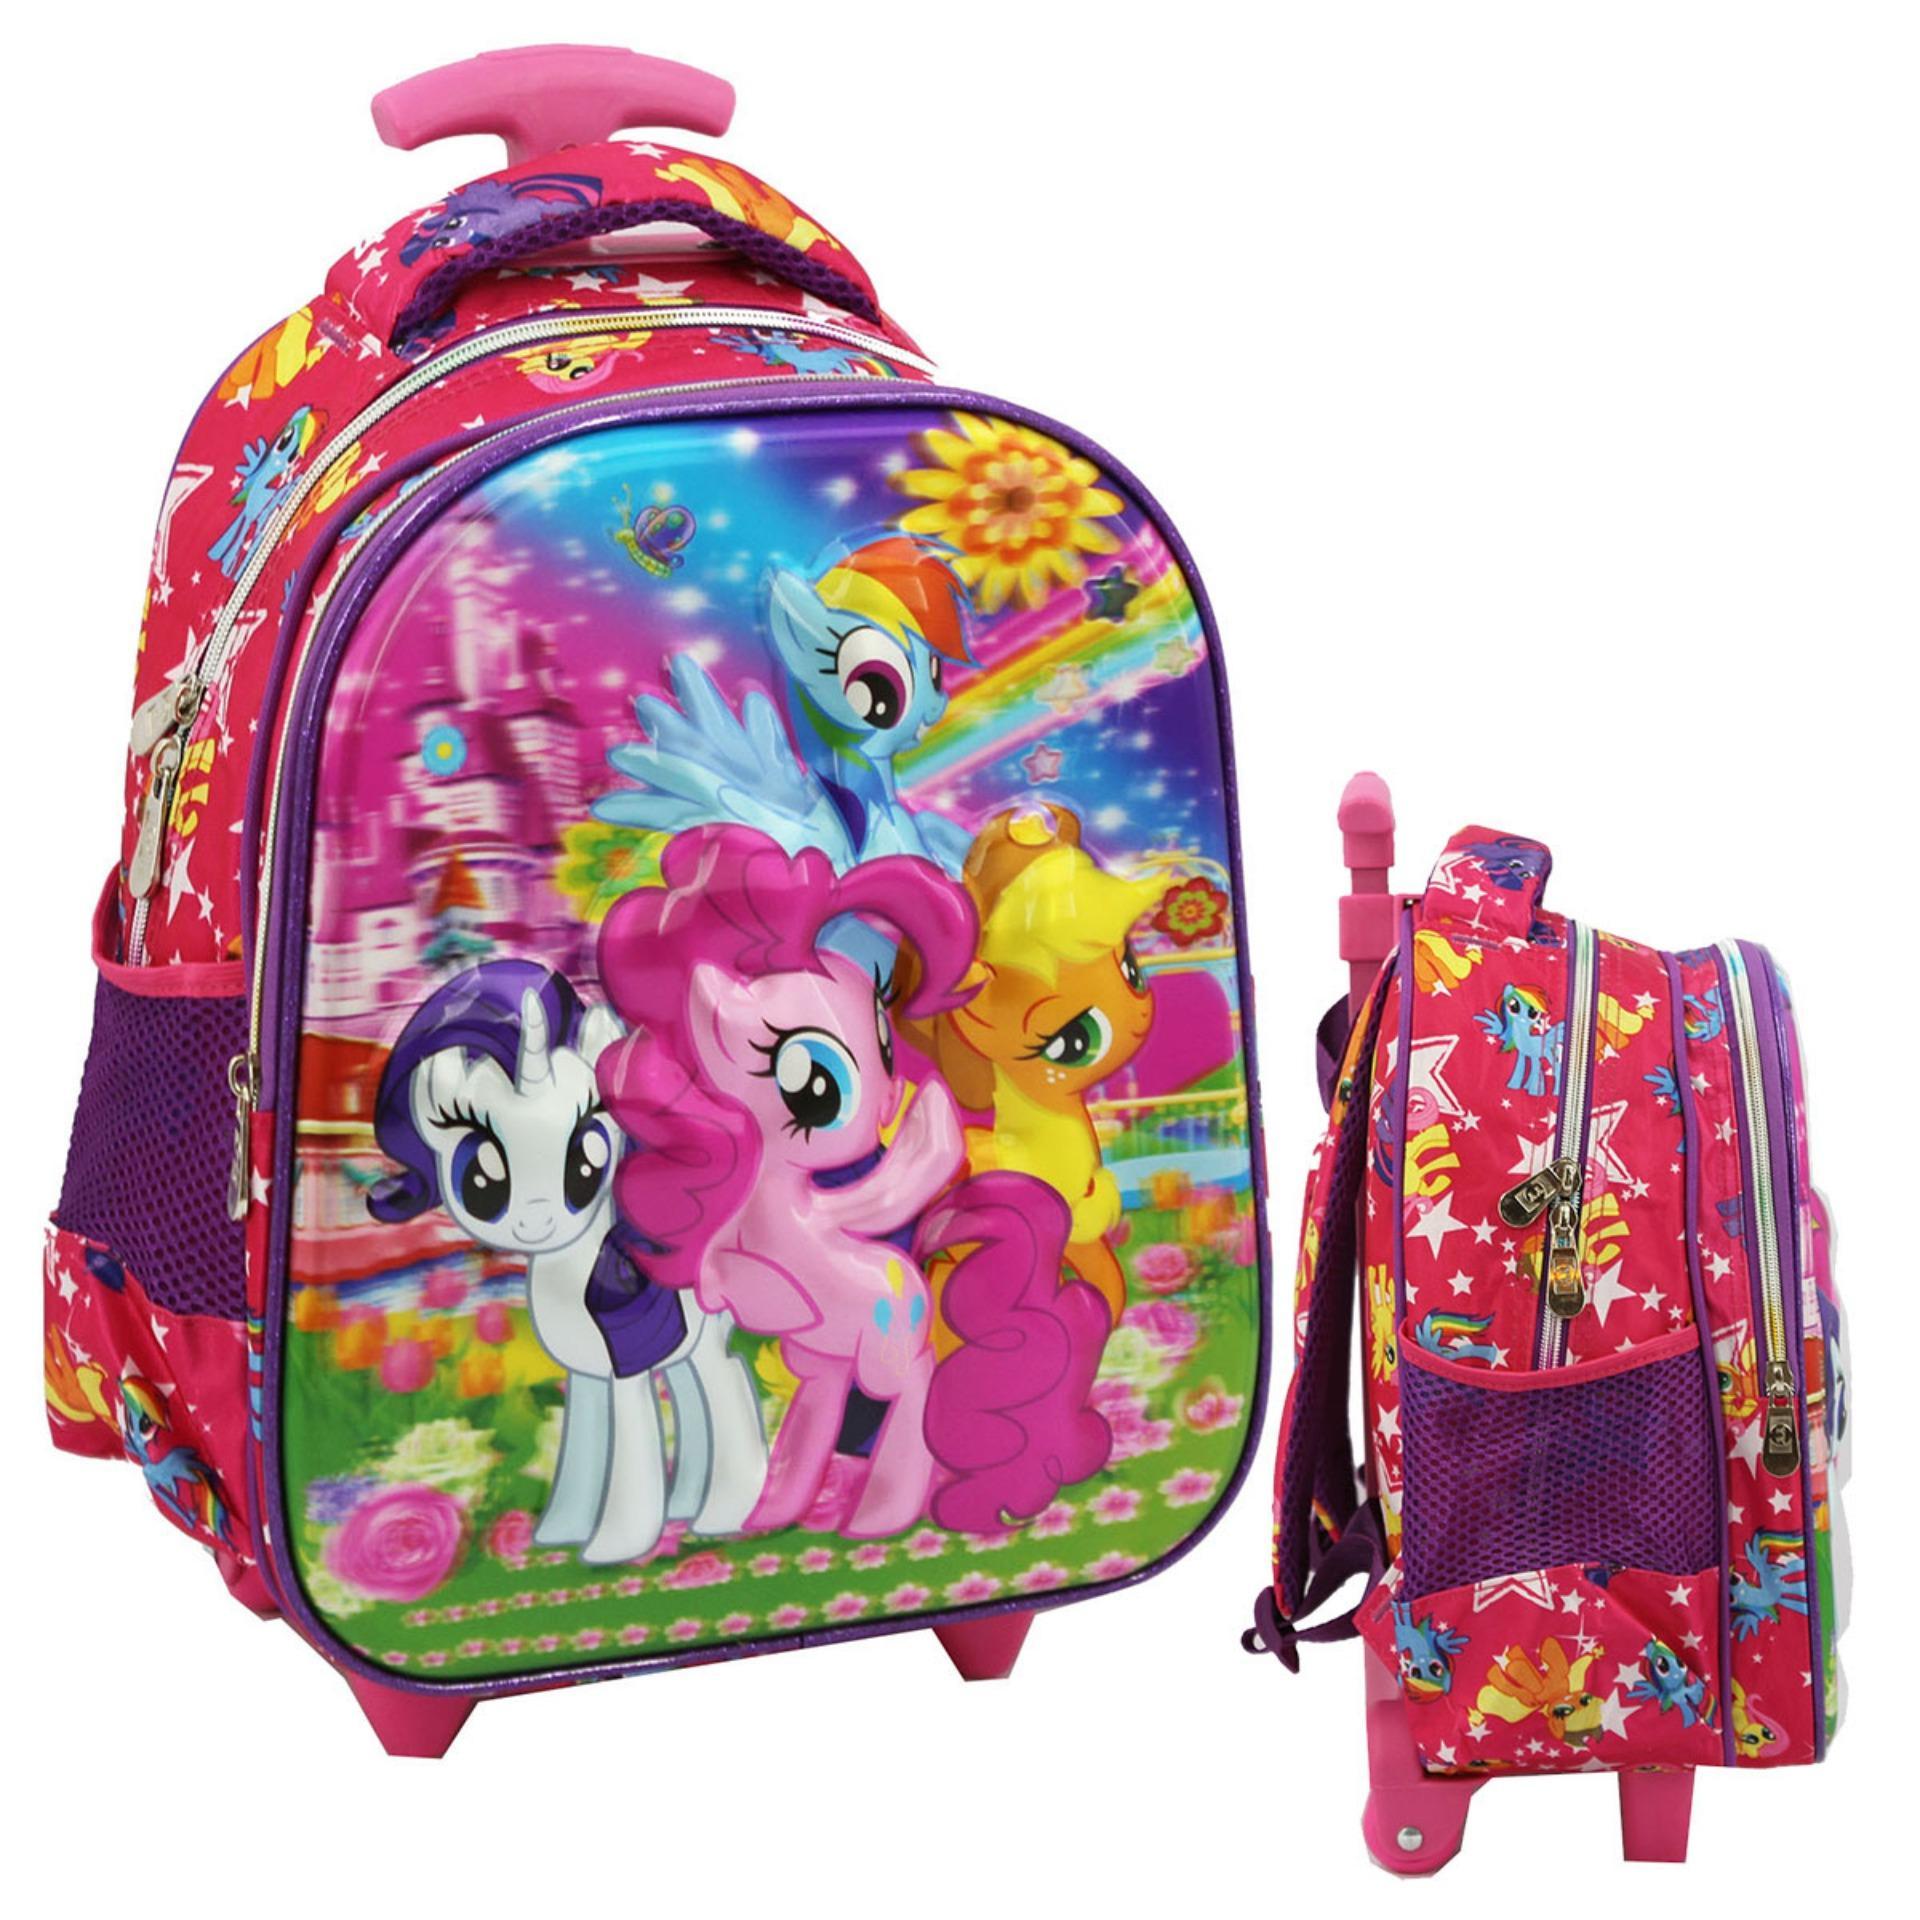 Onlan My Little Pony 5D Timbul Hologram Trolley Anak Sekolah TK - Ungu